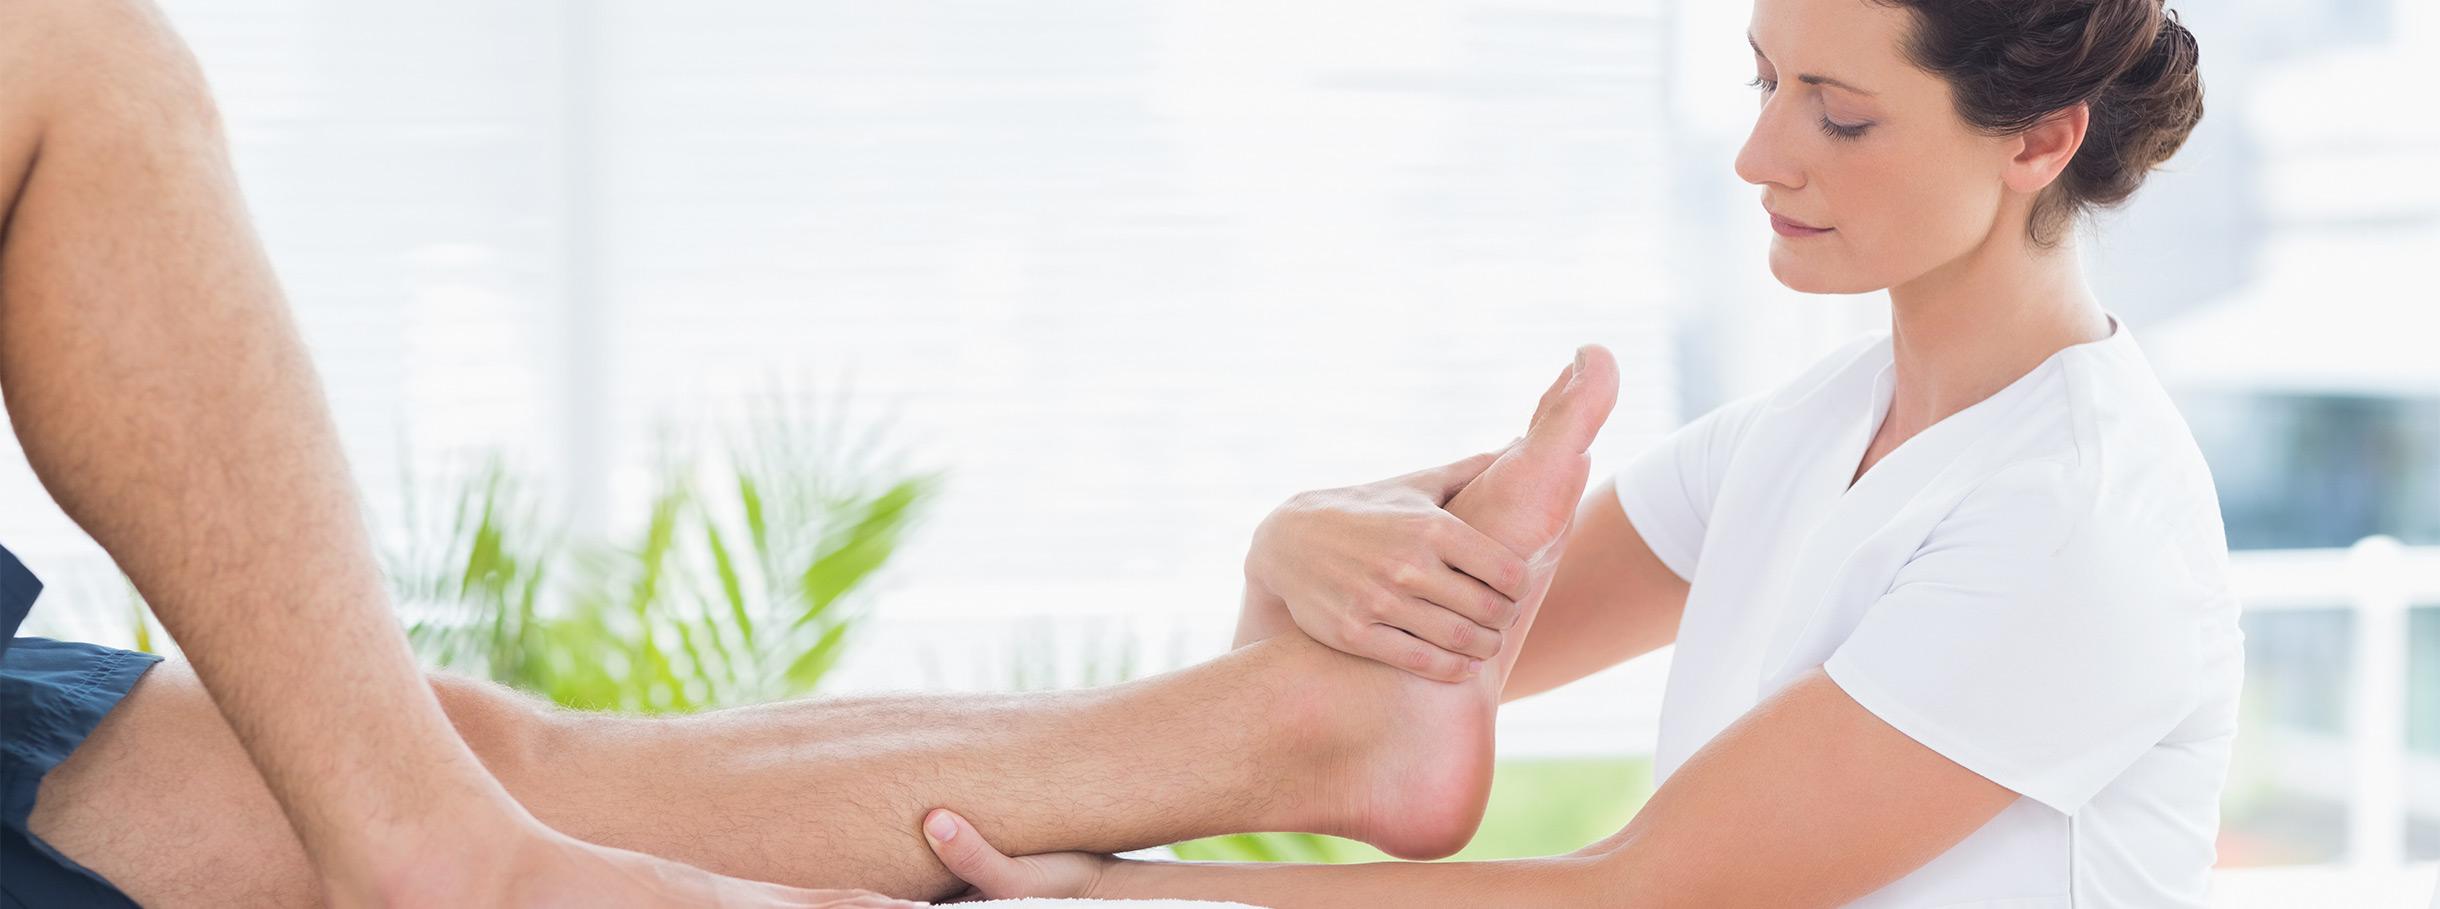 fisioterapia1_centrokinesis